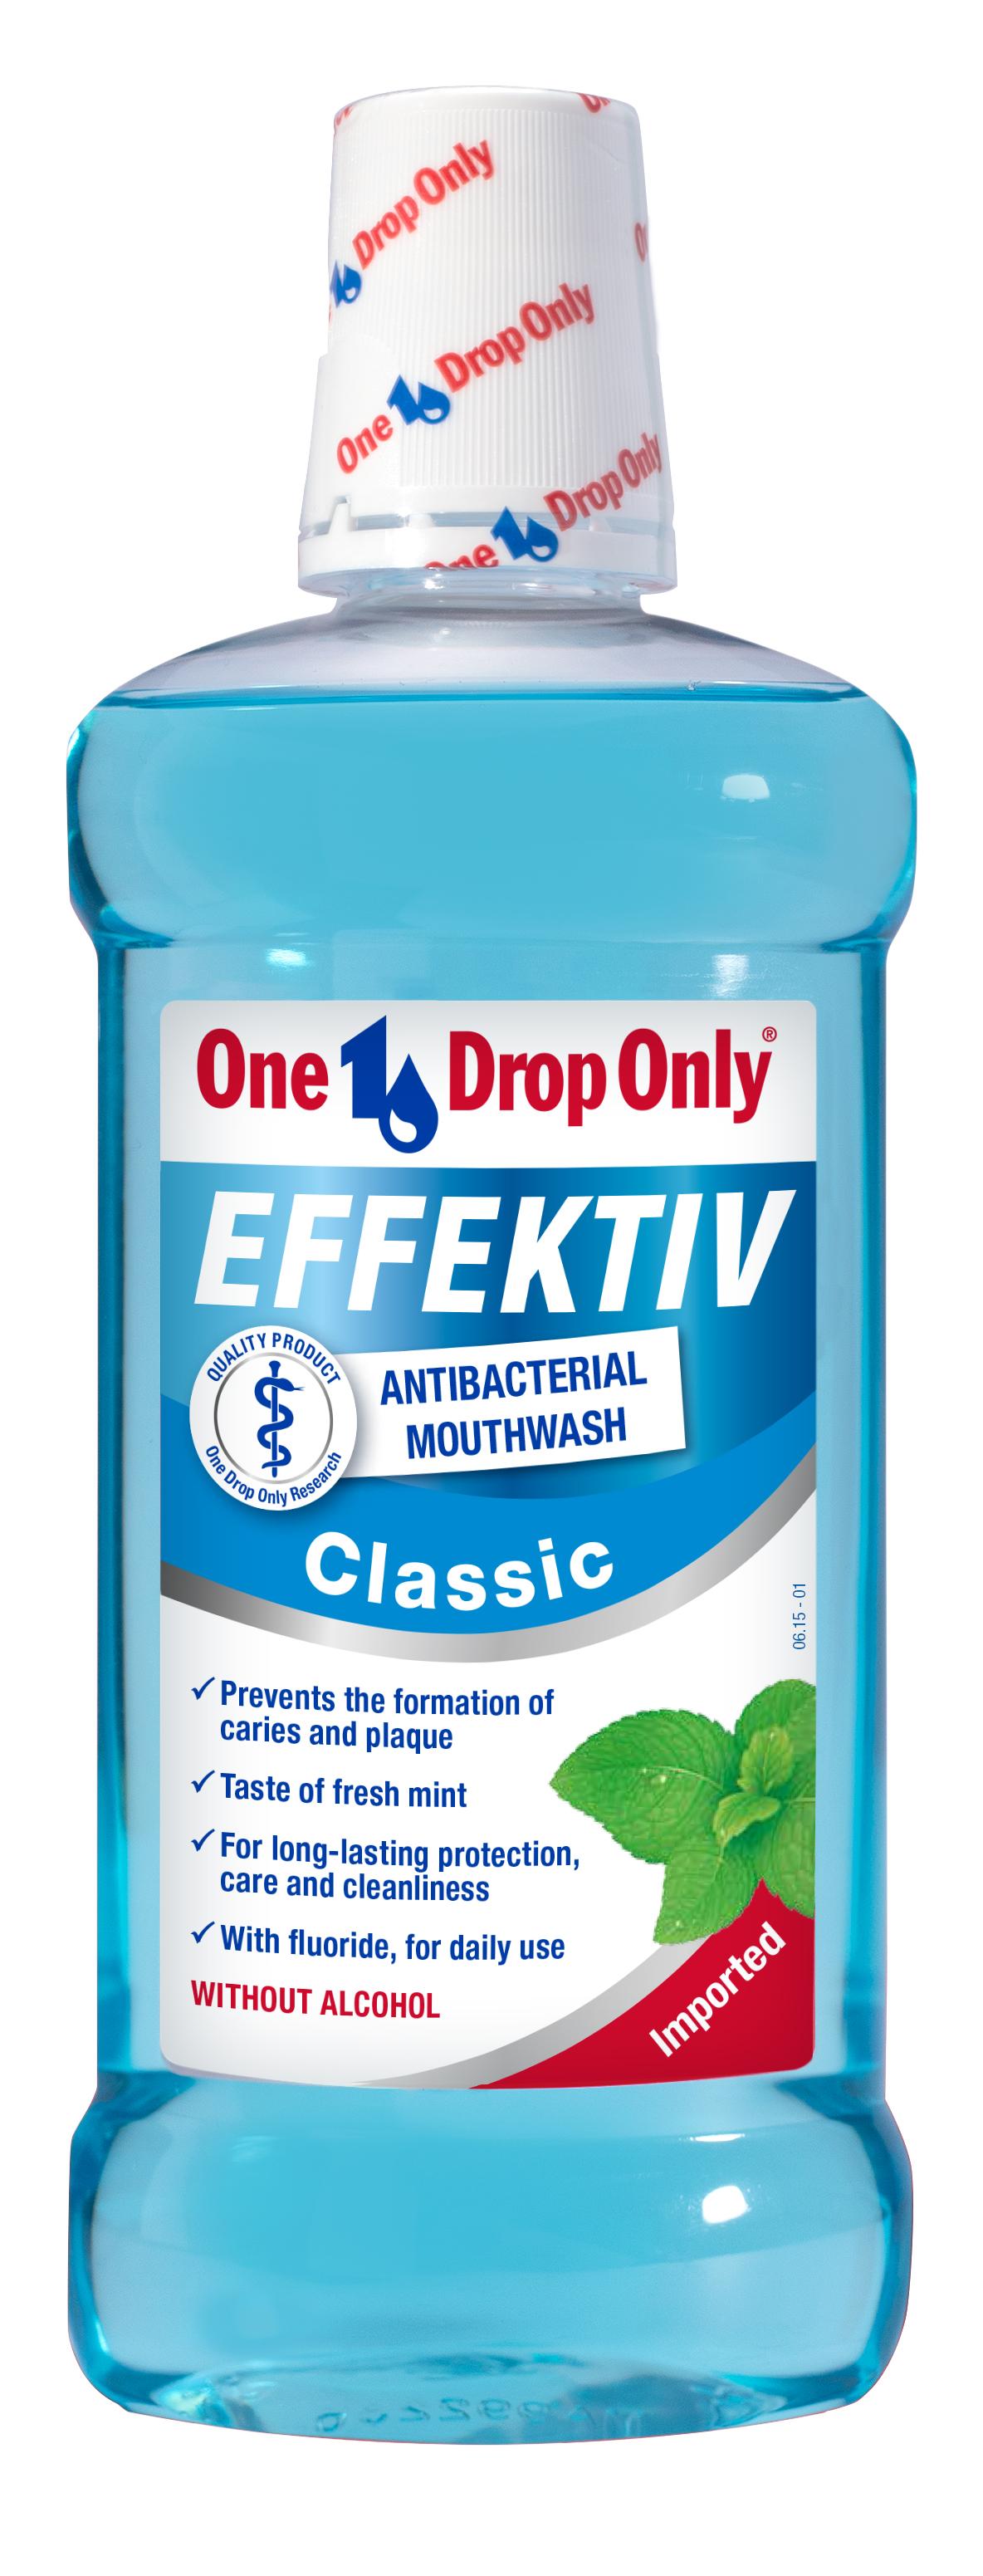 One Drop Only Effektiv Classic Антибактериальный ополаскиватель полости рта, 500 мл17000Классический антибактериальный ополаскиватель полости рта